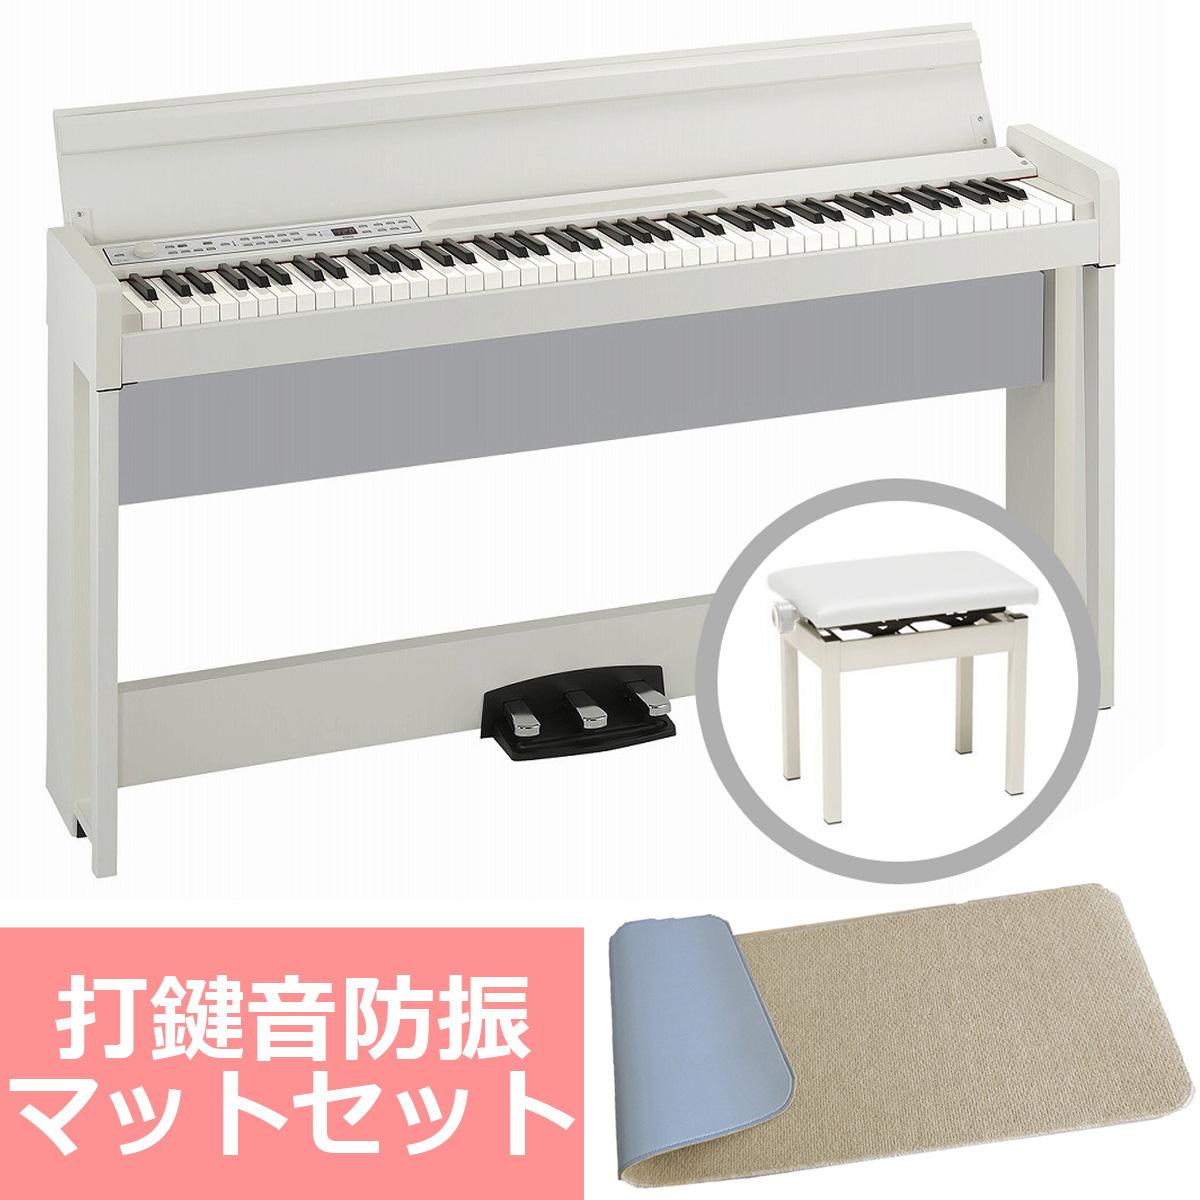 《予約注文/納期未定:別途ご案内》KORG コルグ / C1 Air WH (ホワイト) 【防振マットセット!】デジタル・ピアノ【PNG】《お手入れセットプレゼント:681018000+671044200》